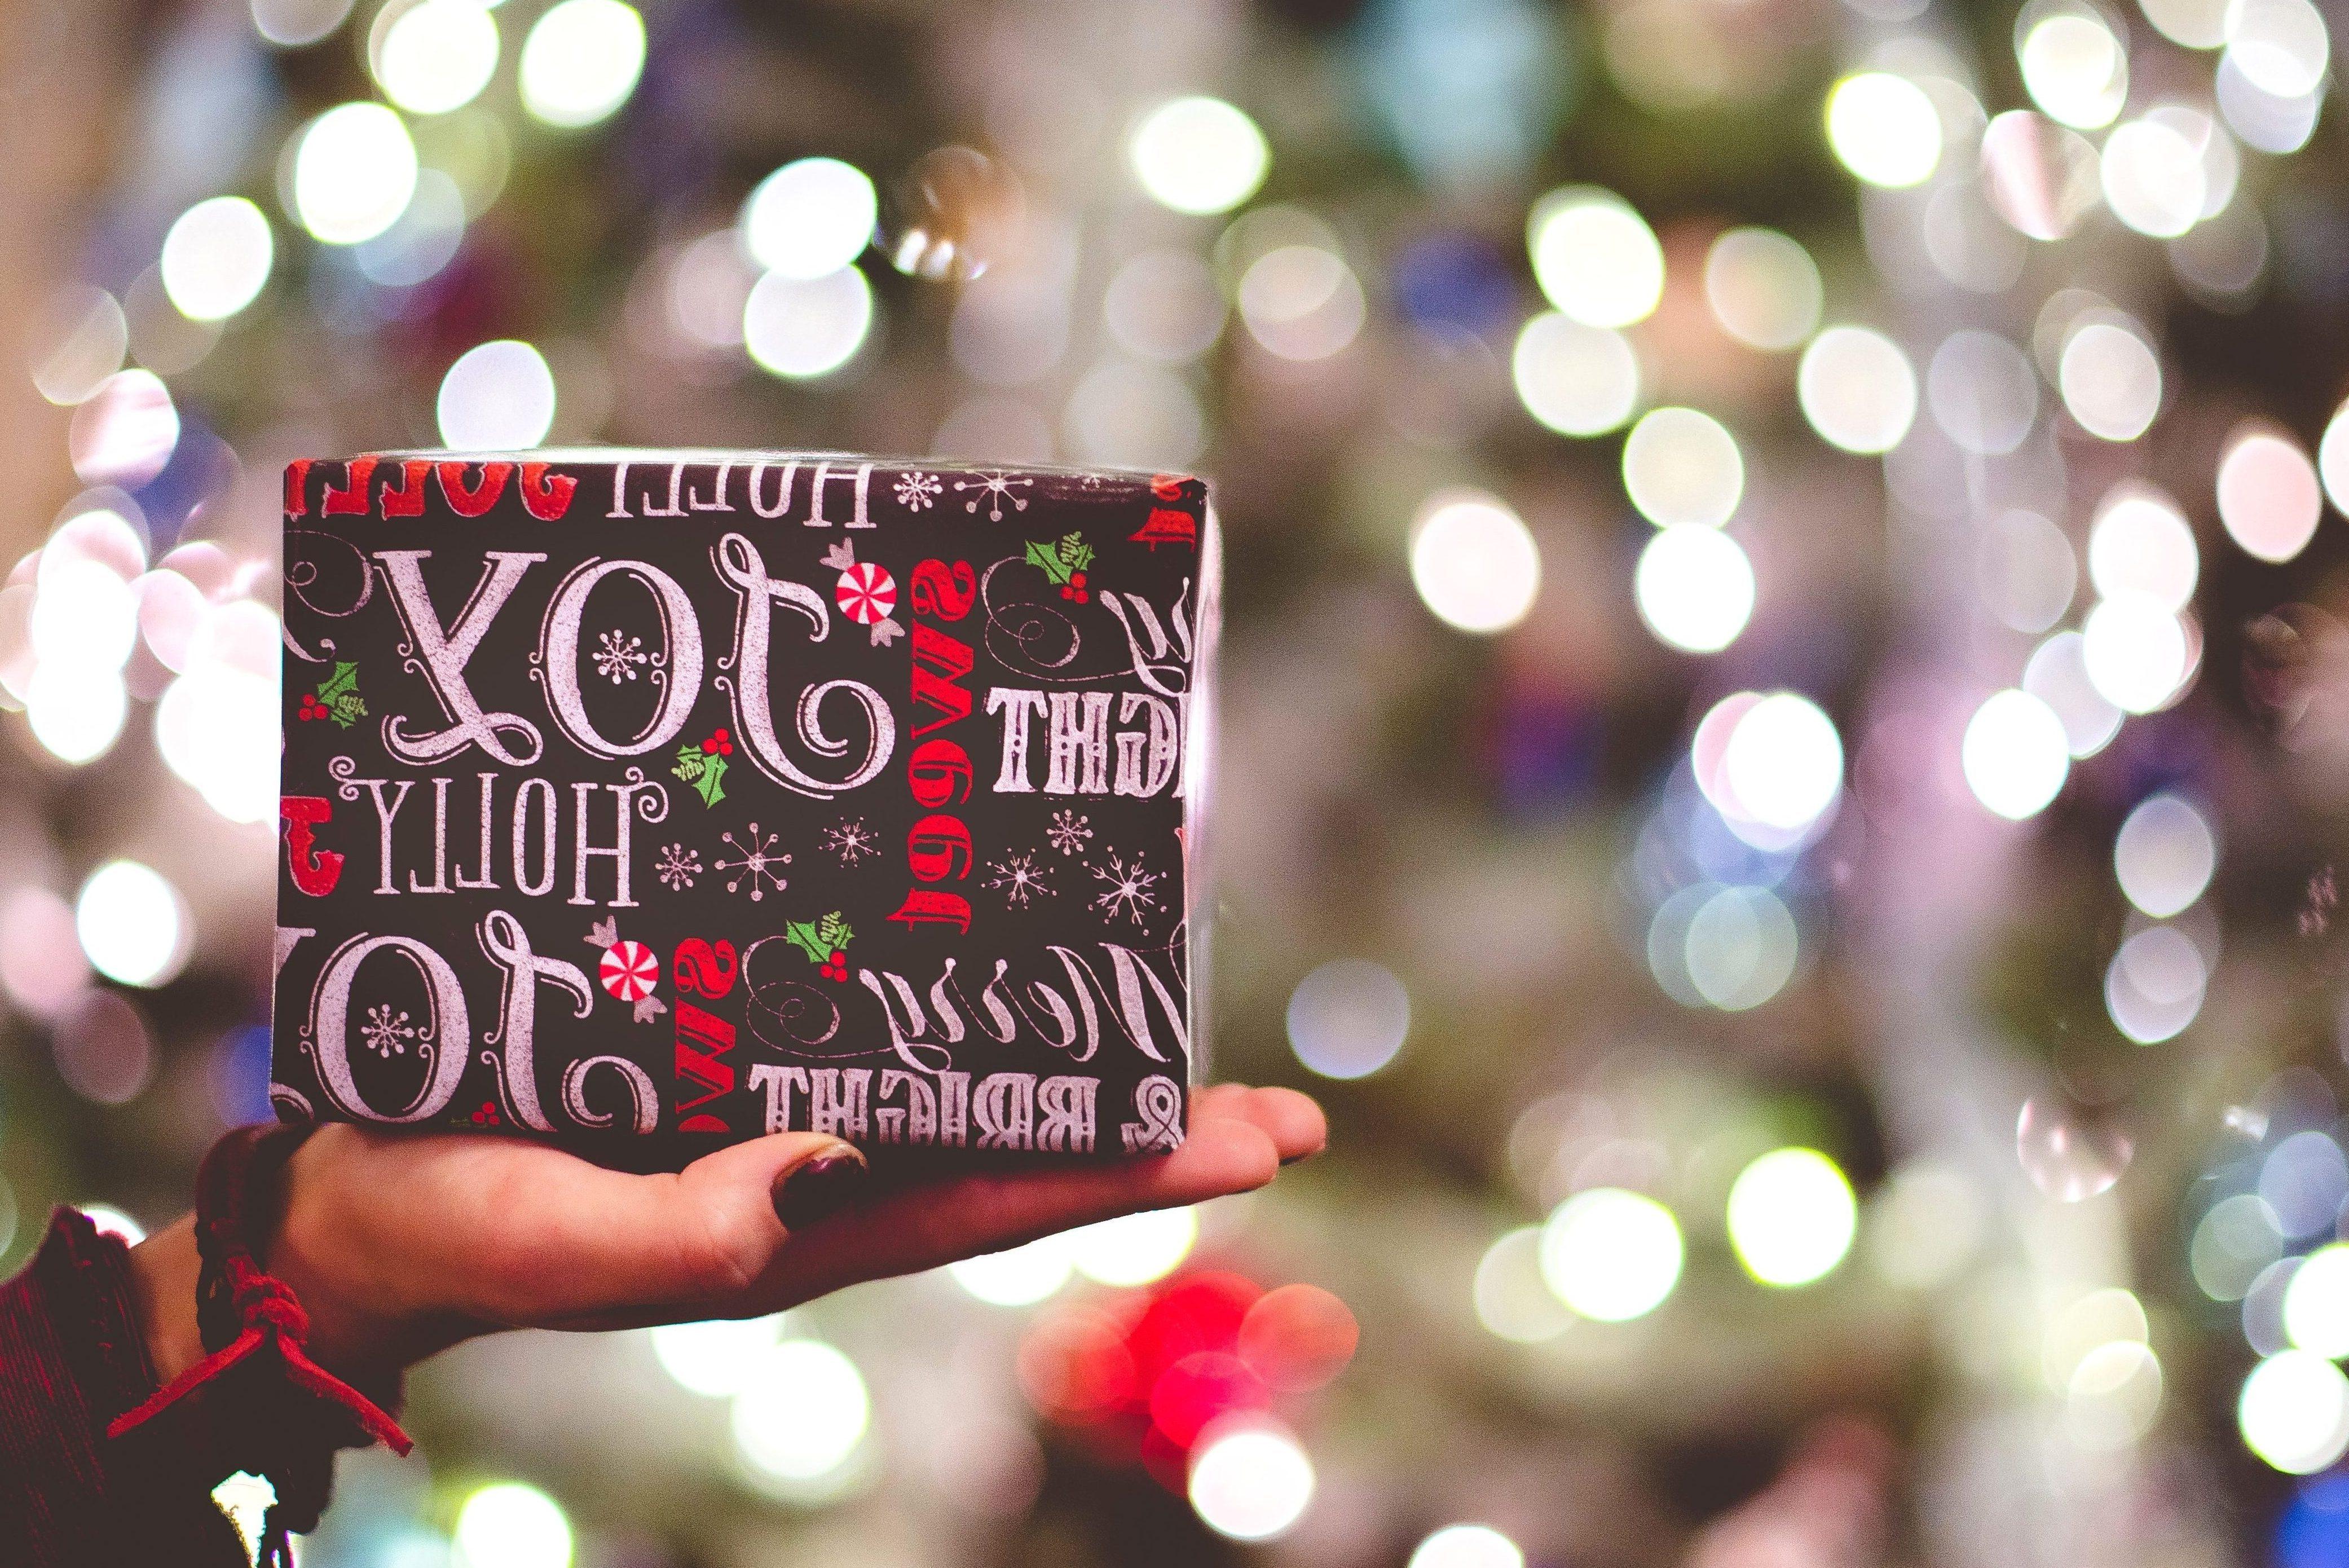 Kostenlose Bild: Geschenk, Hand, bunt, Feier, Weihnachten, Dekoration,  Feier, Urlaub